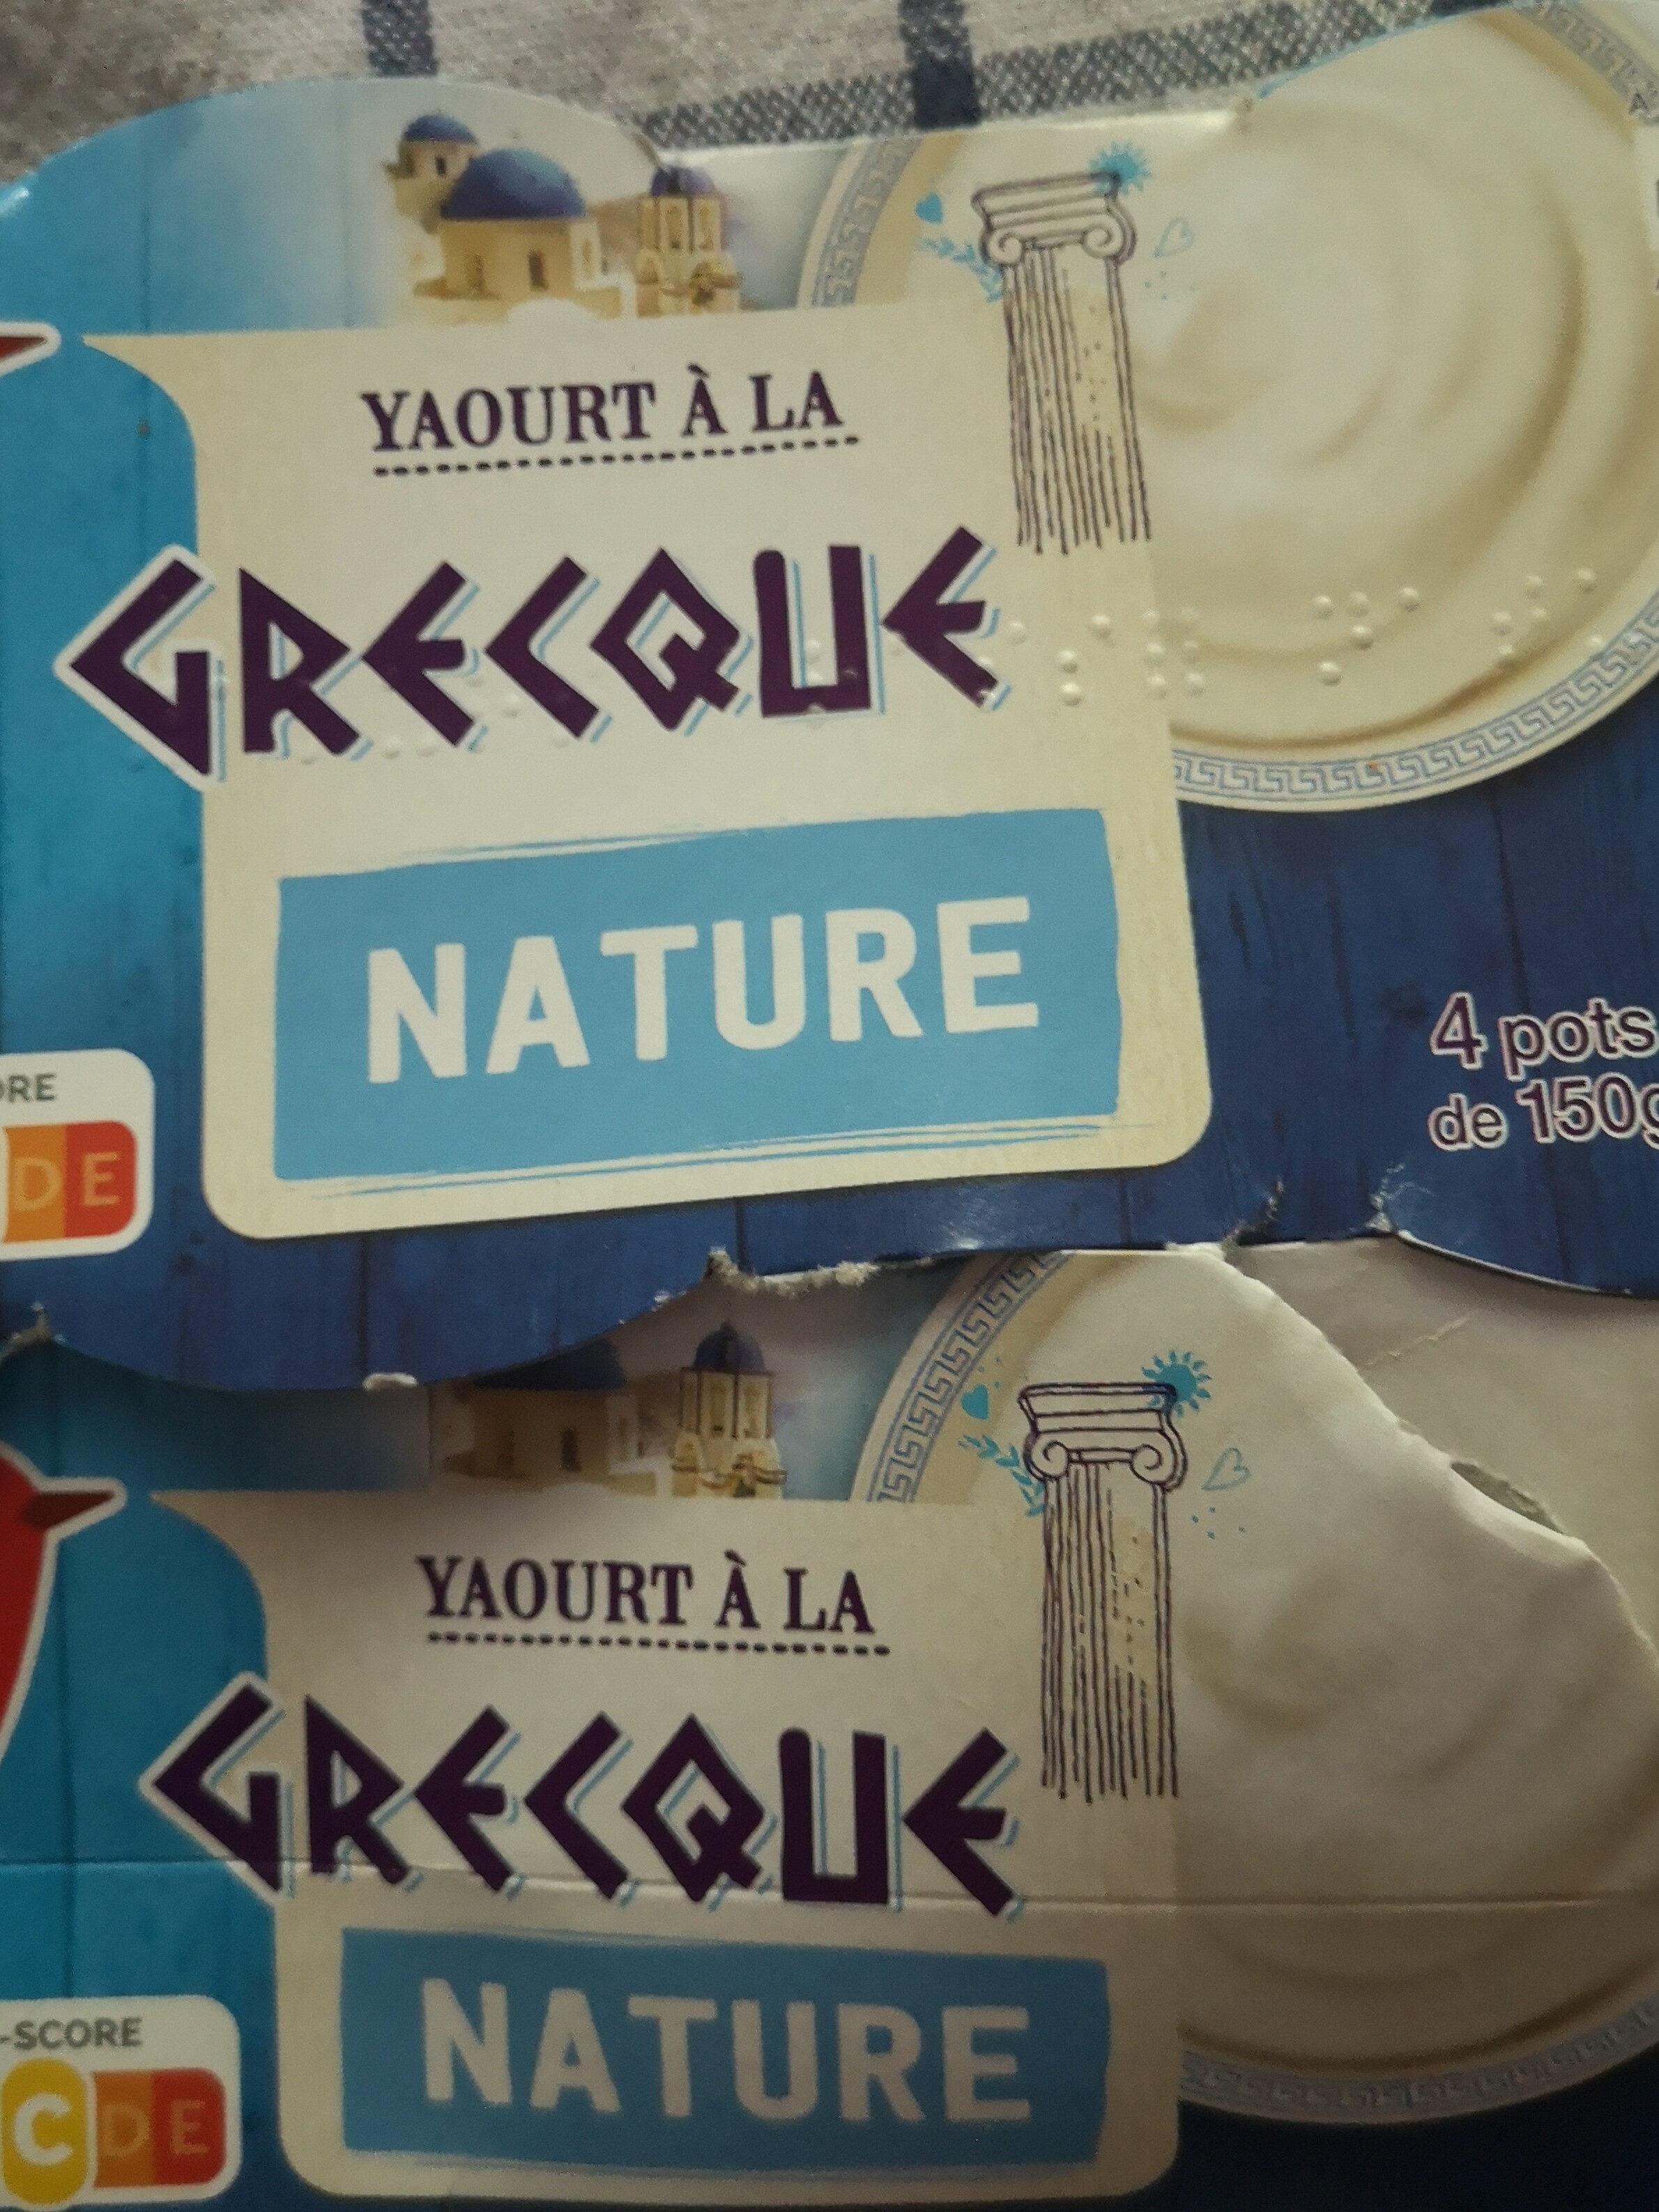 yaourt a la grecque - Product - fr